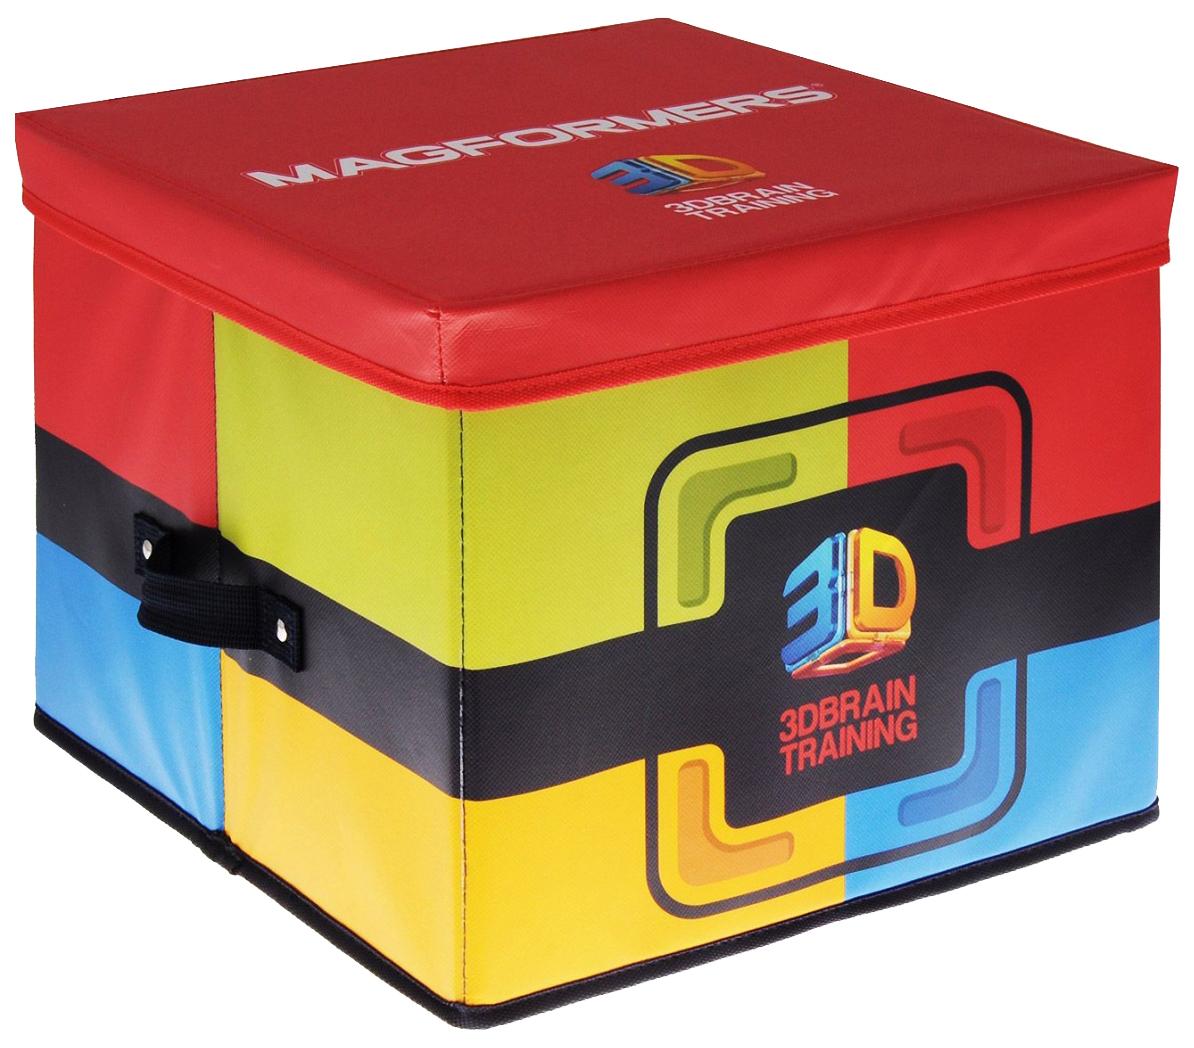 Ящик для хранения игрушек Magformers Box 60100